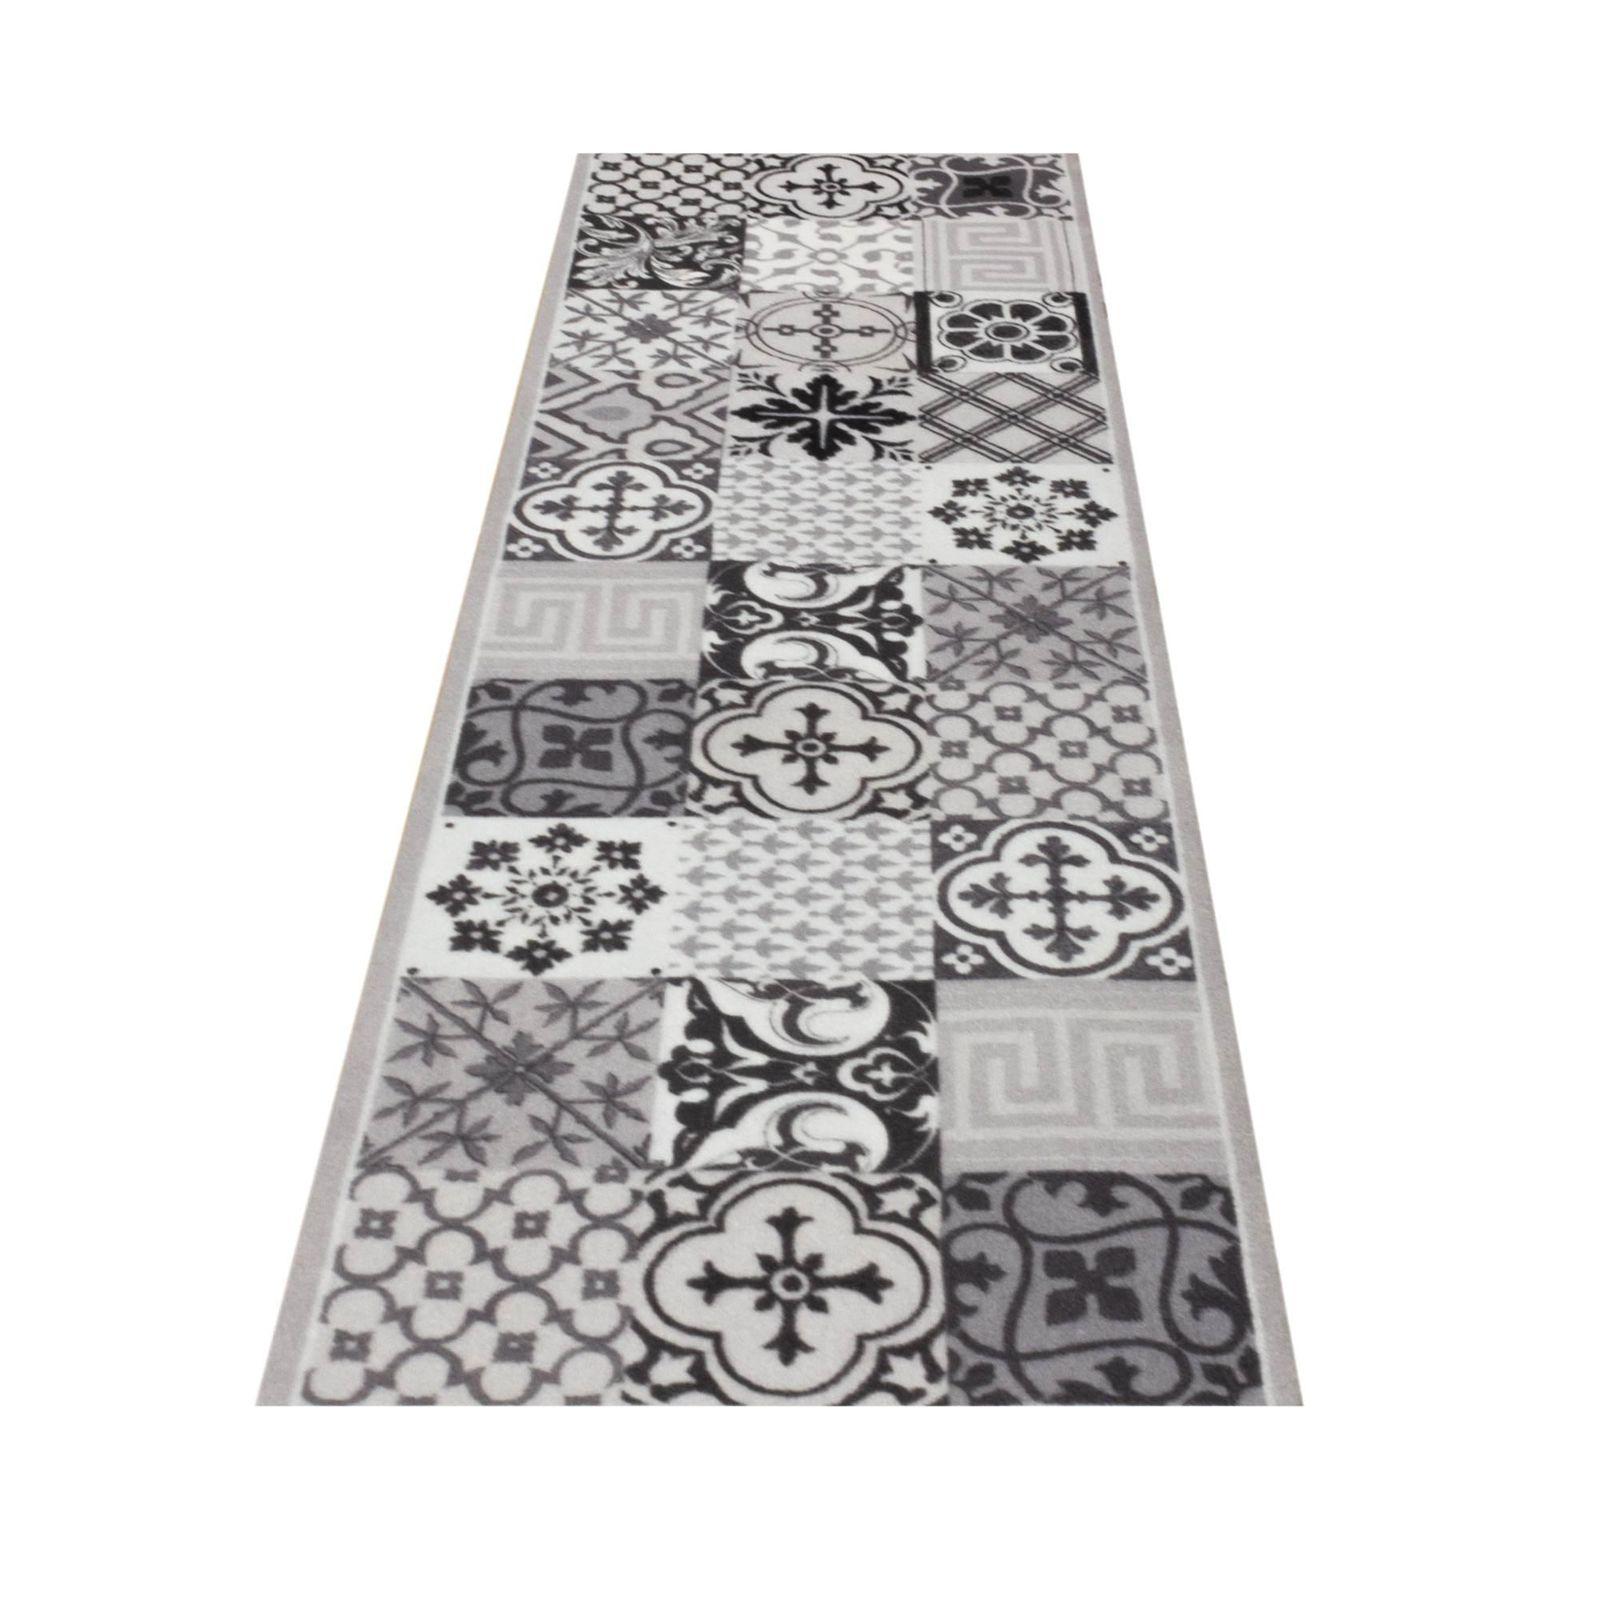 Full Size of Teppich Waschbar Teppichlufer Kachel Fliesen Mosaik Steinteppich Bad Wohnzimmer Esstisch Schlafzimmer Badezimmer Teppiche Küche Für Wohnzimmer Teppich Waschbar